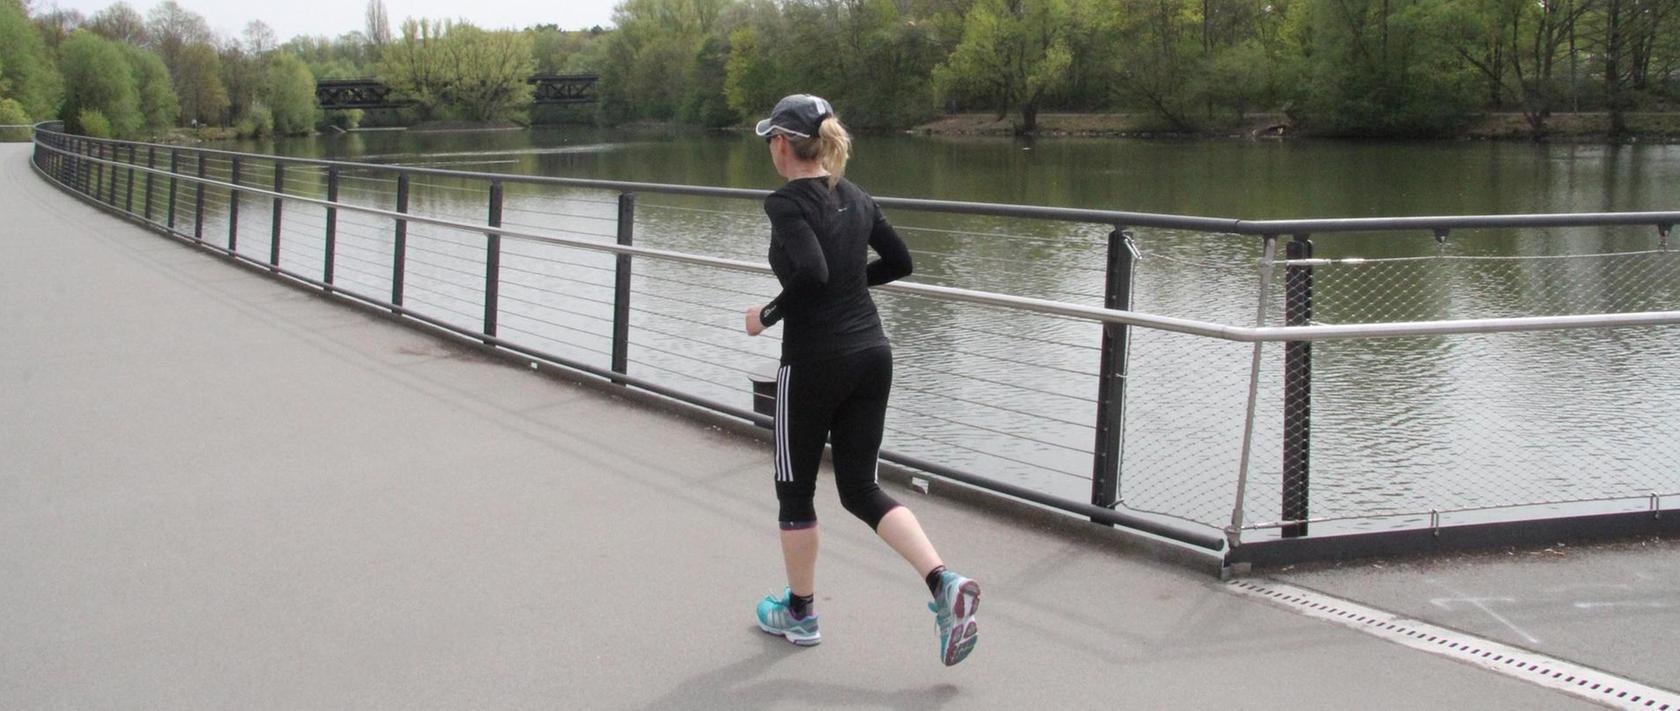 Das Ufer des Wöhrder Sees ist eine beliebte Jogging-Strecke, doch viele Frauen fühlen sich dort nicht mehr sicher.